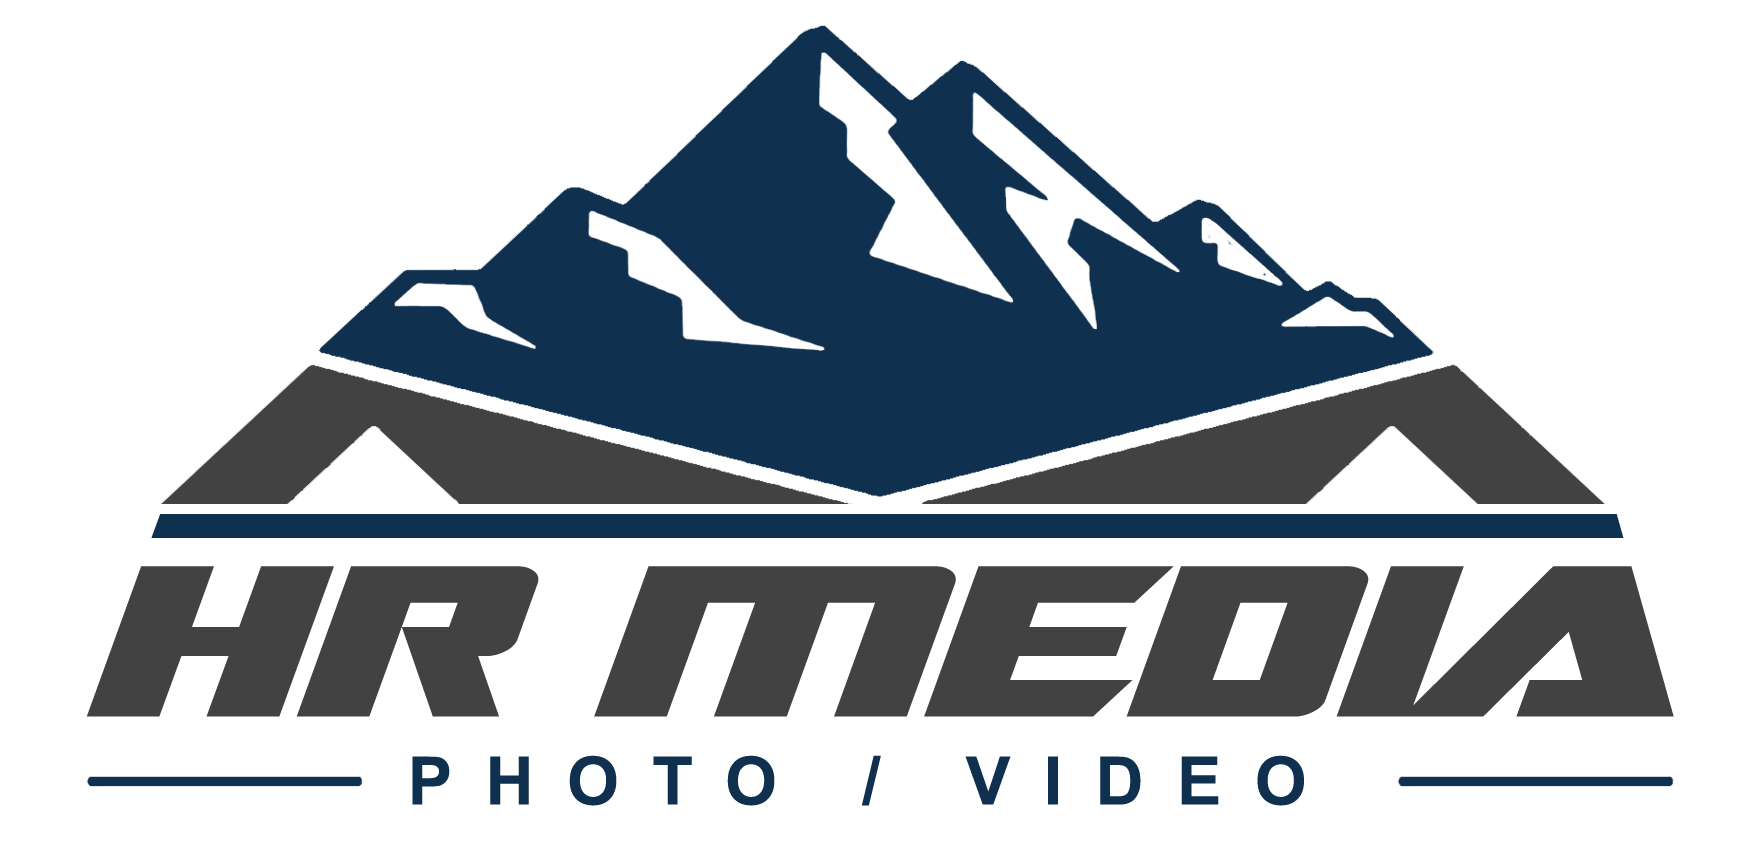 HR Media logo.png